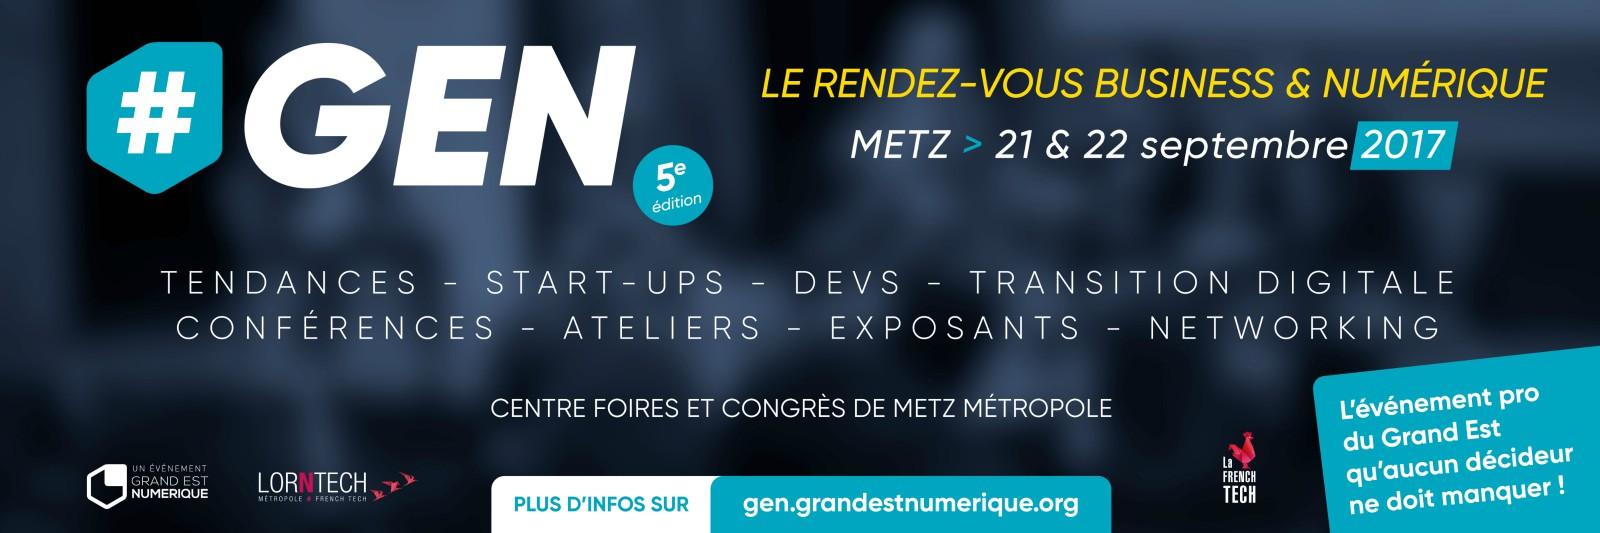 #GEN : le n°1 de Google France à Metz le 21 septembre 2017